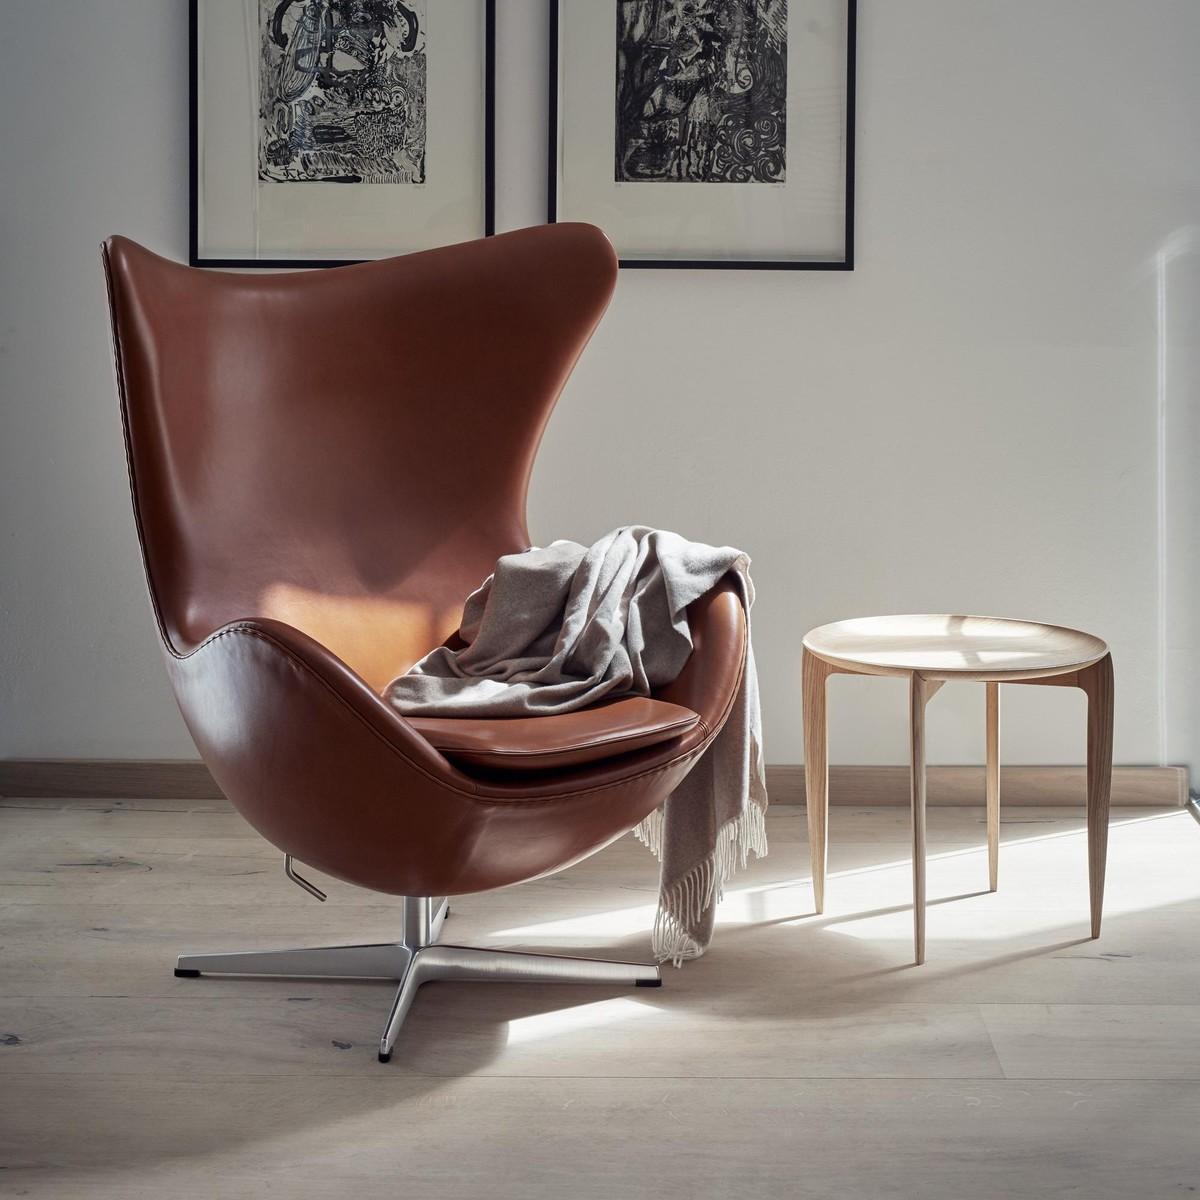 promotion set egg chair footstool leather fritz hansen. Black Bedroom Furniture Sets. Home Design Ideas